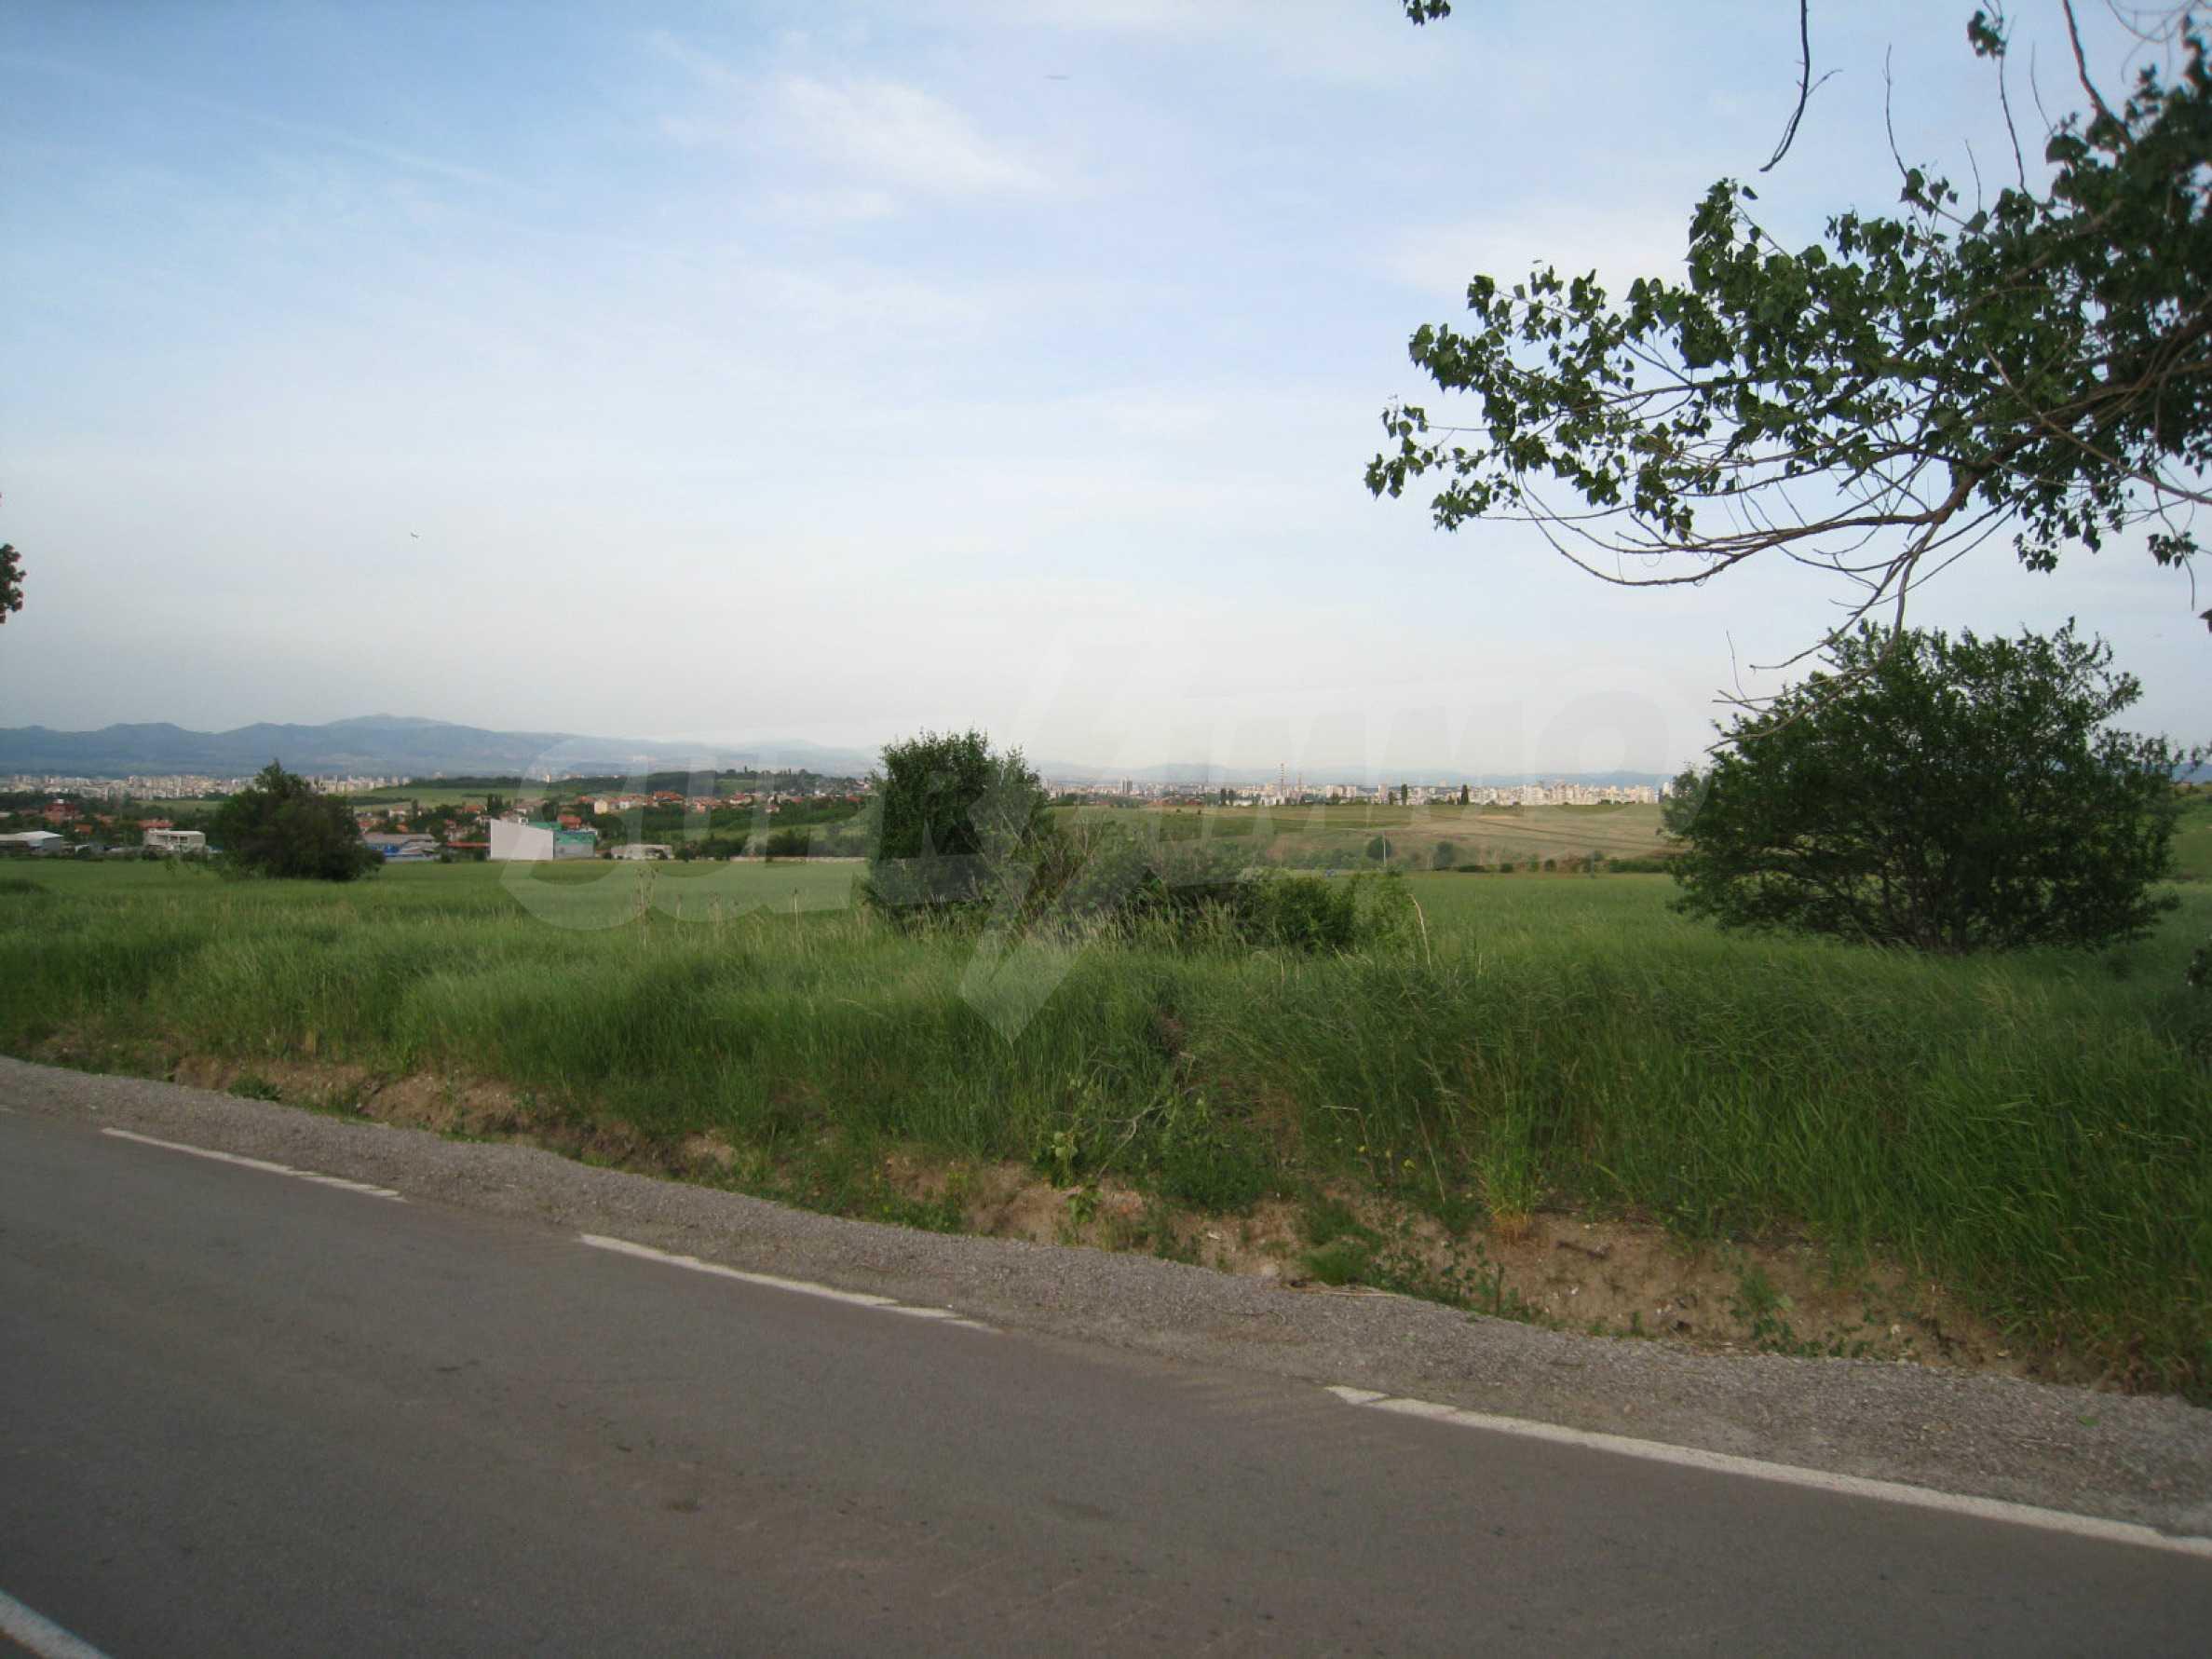 Agricultural land at asphalt road in Suhodol 2